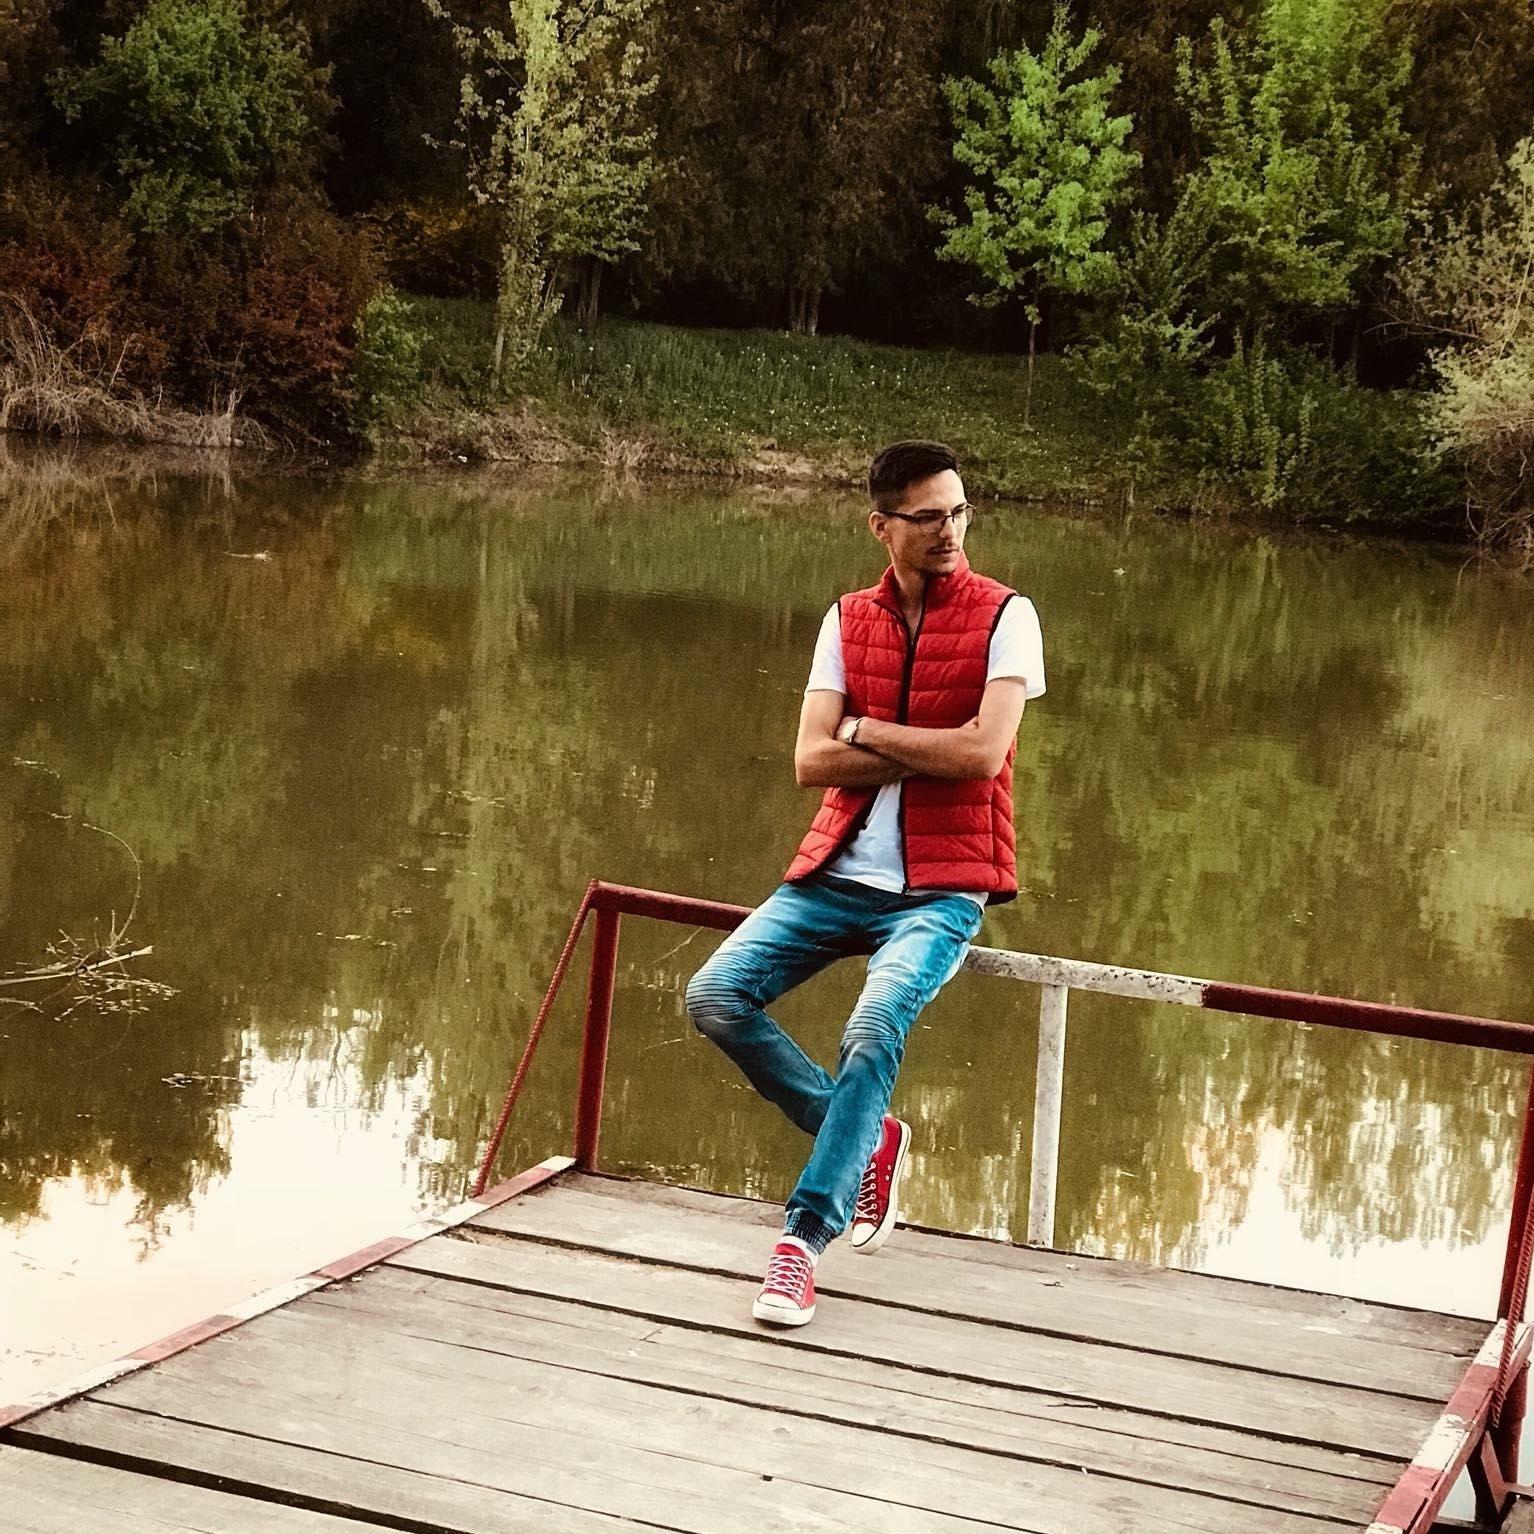 Go to Cristian Nicolae's profile